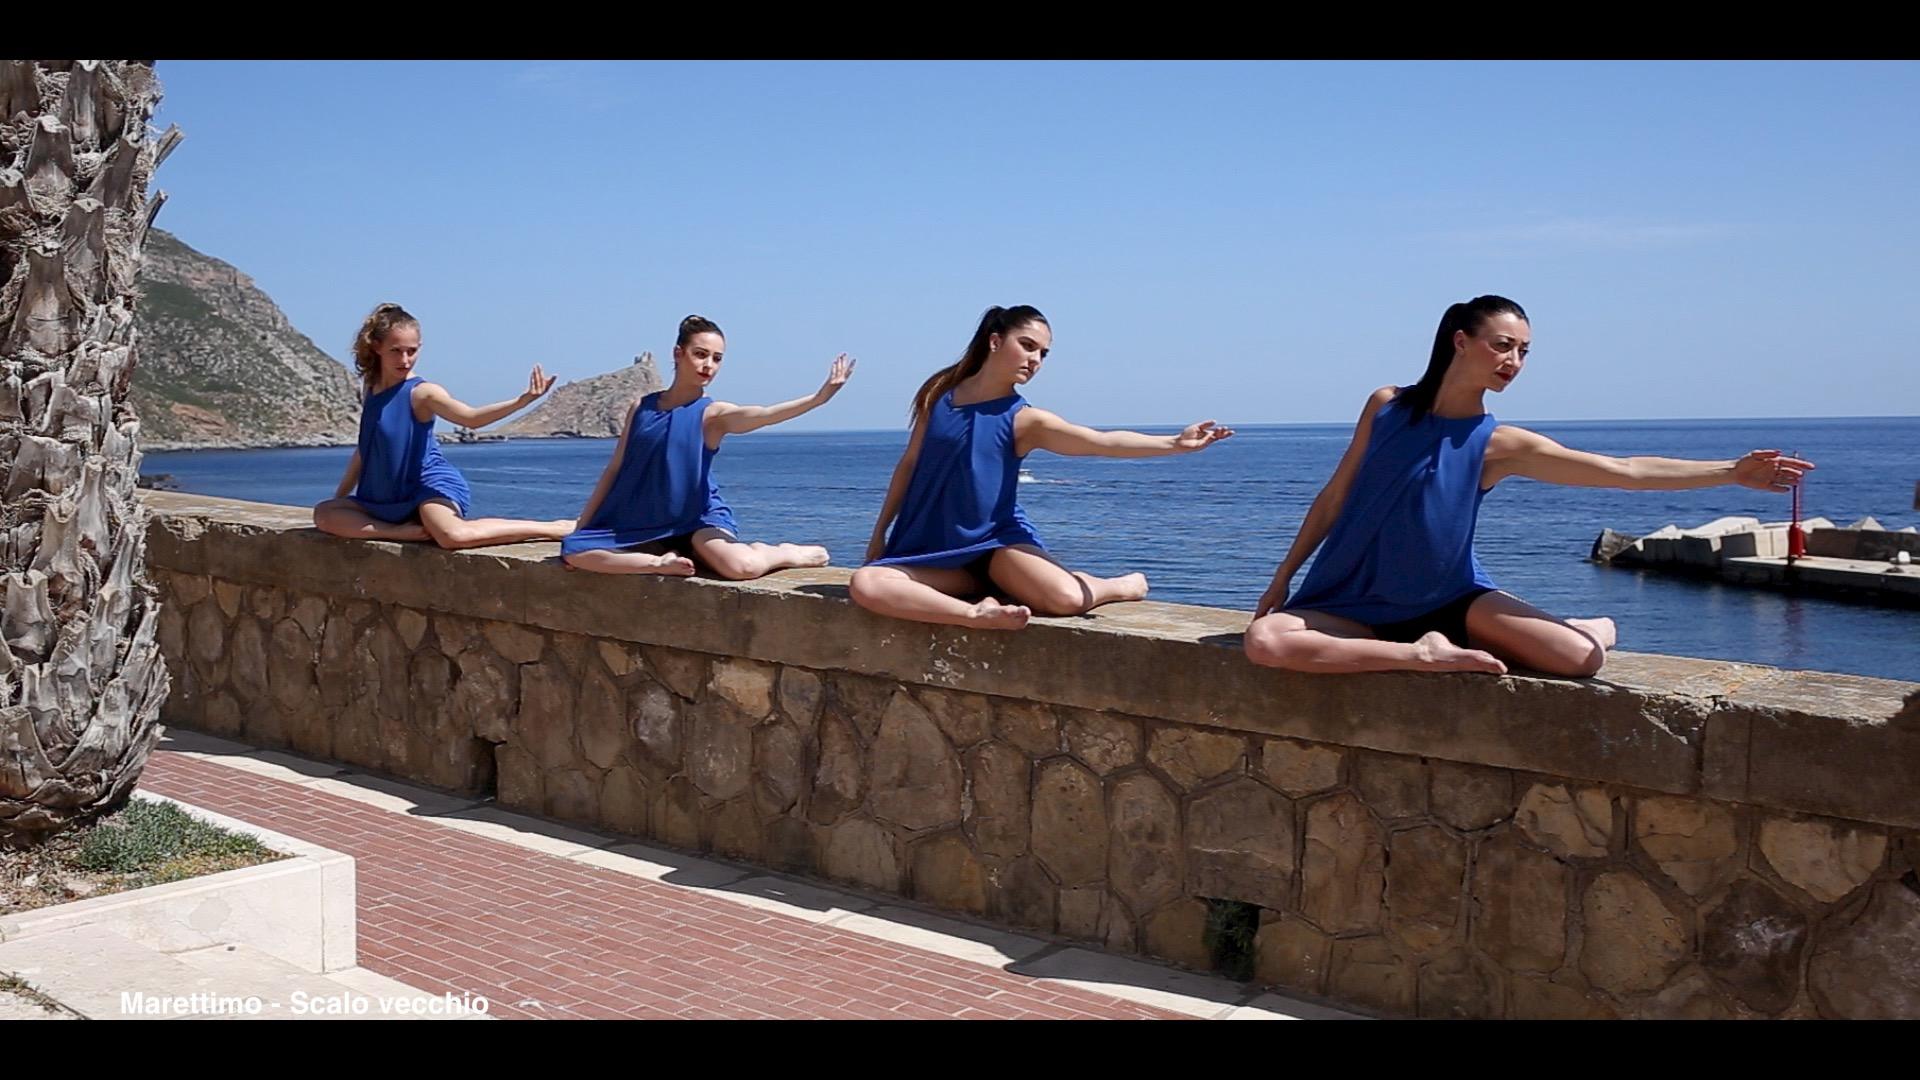 Video - Marettimo isola incantata - Isola di Marettimo — Isola di ...